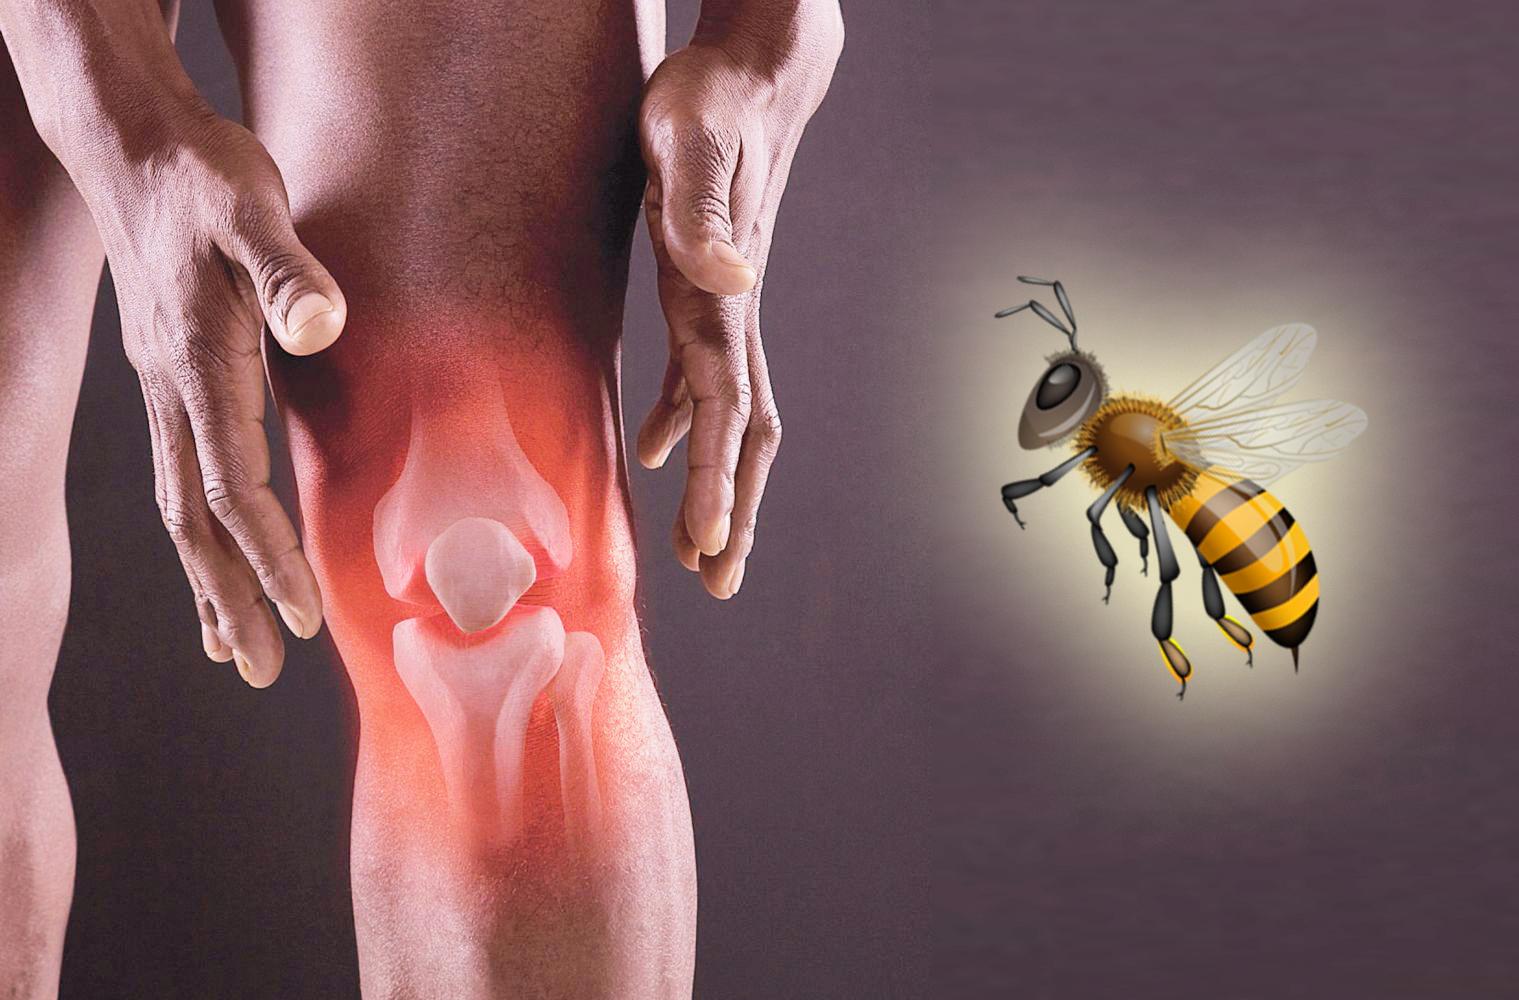 Пчелиный яд для лечения артрита коленного сустава воспаление межсуставной сумки